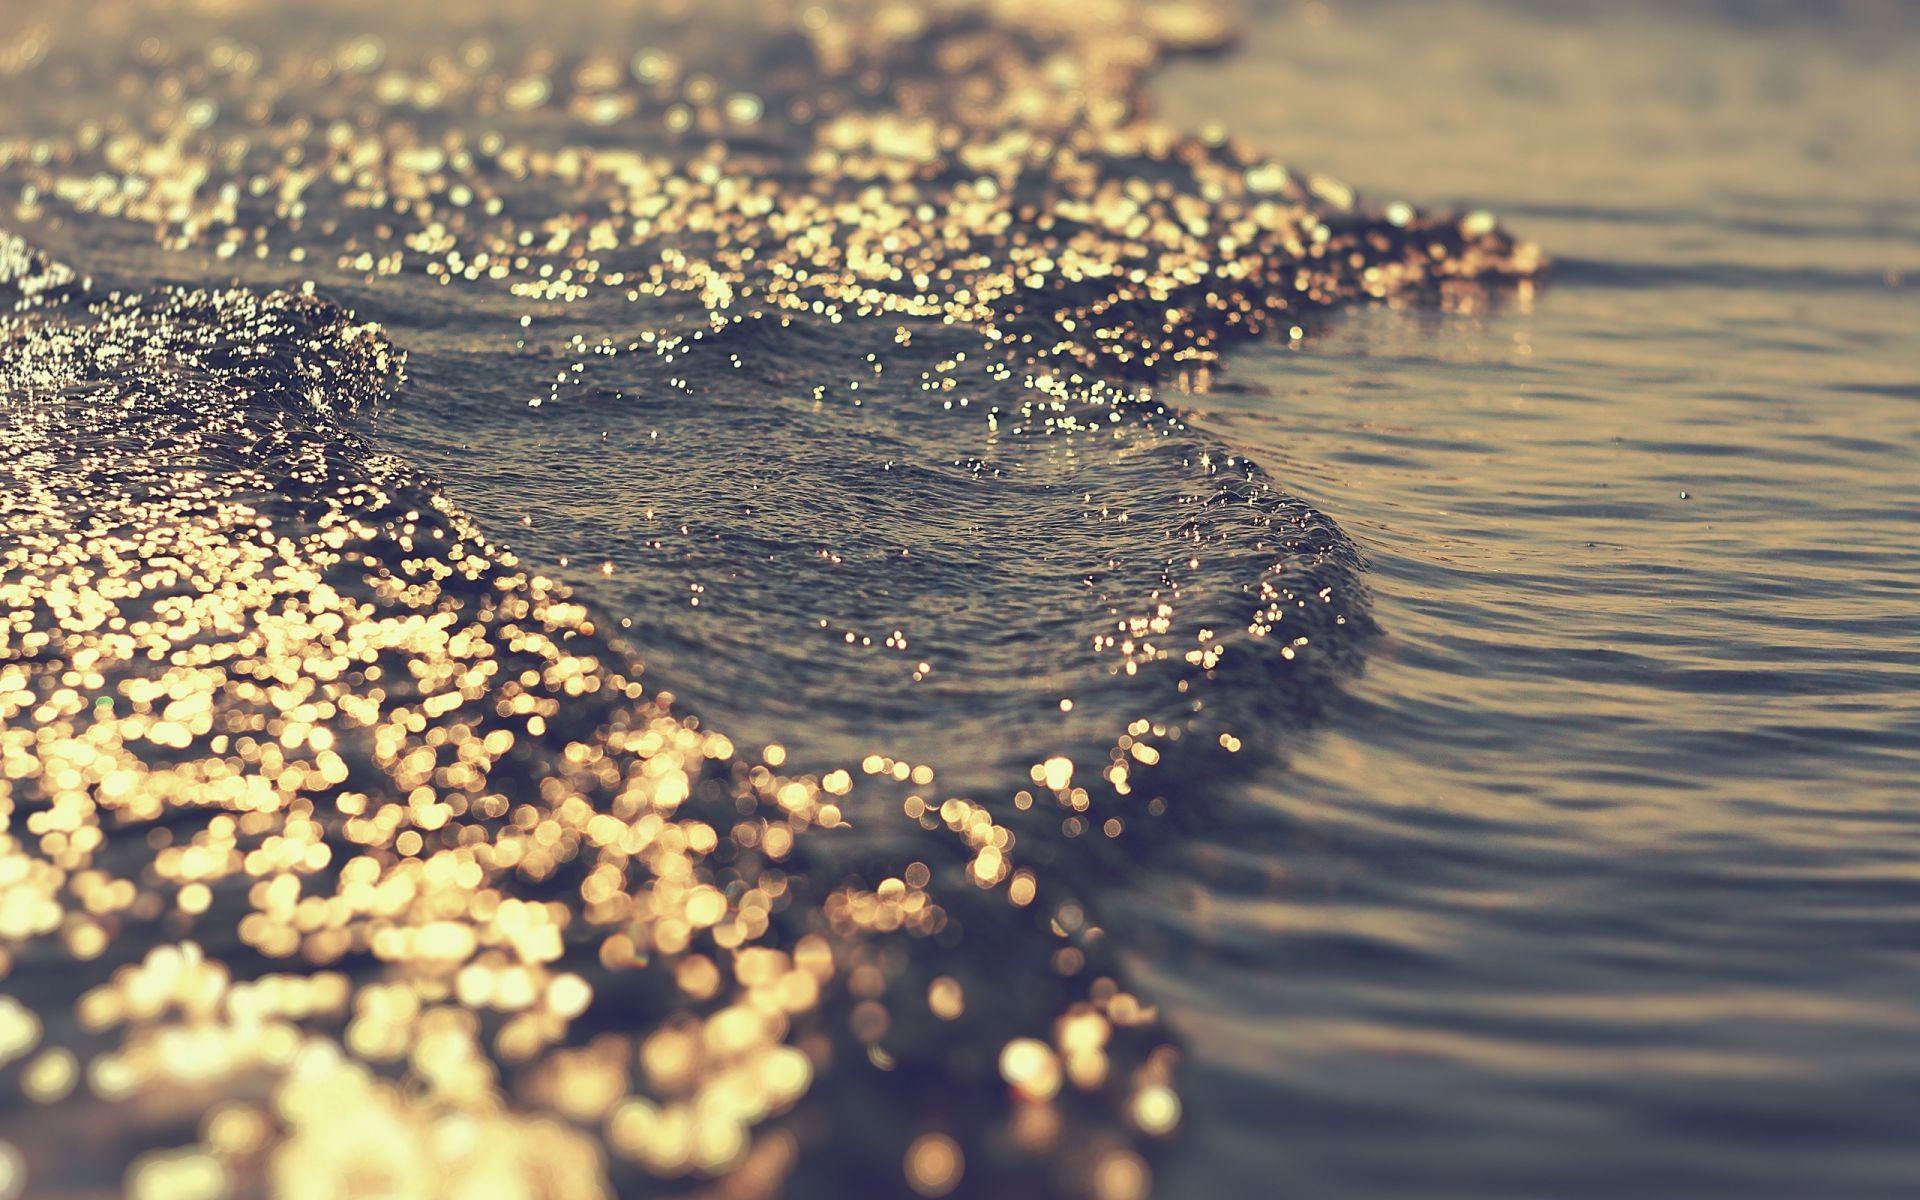 картинки солнце жизнь вода это промышленная фиалка